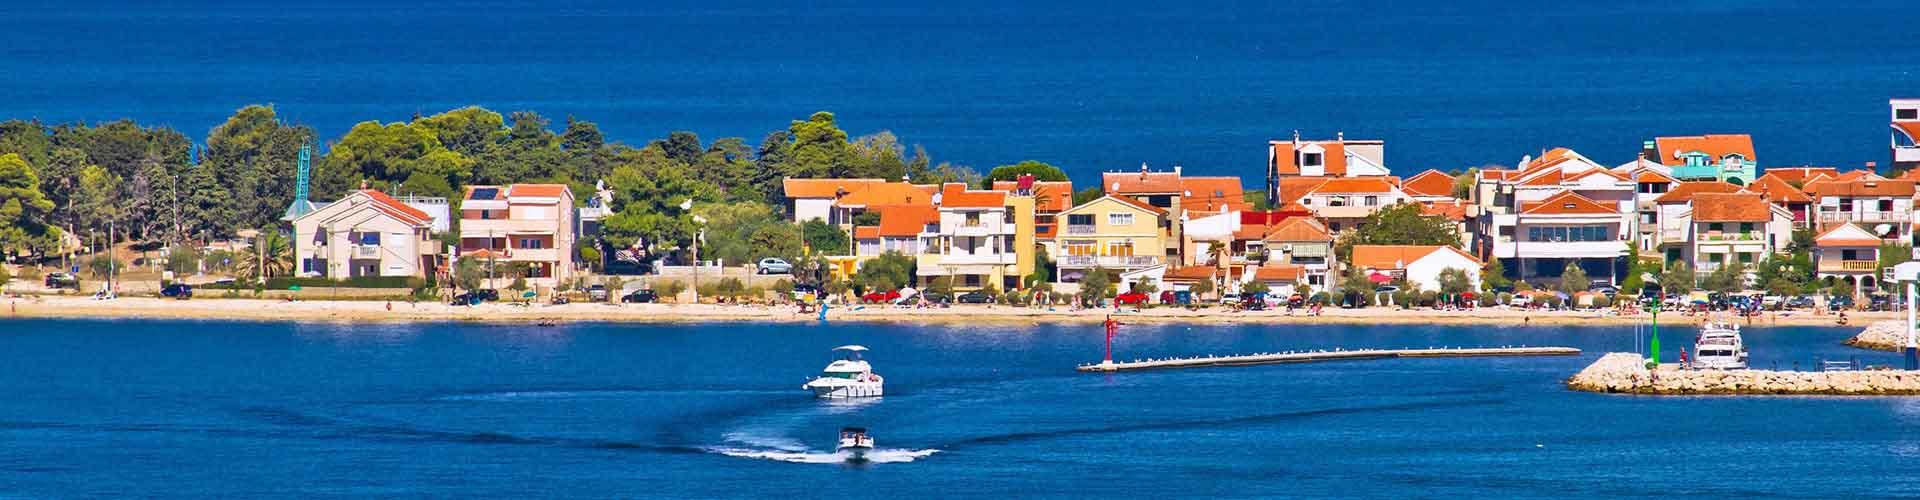 Zadar - Appartments à Zadar. Cartes pour Zadar, photos et commentaires pour chaque appartement à Zadar.